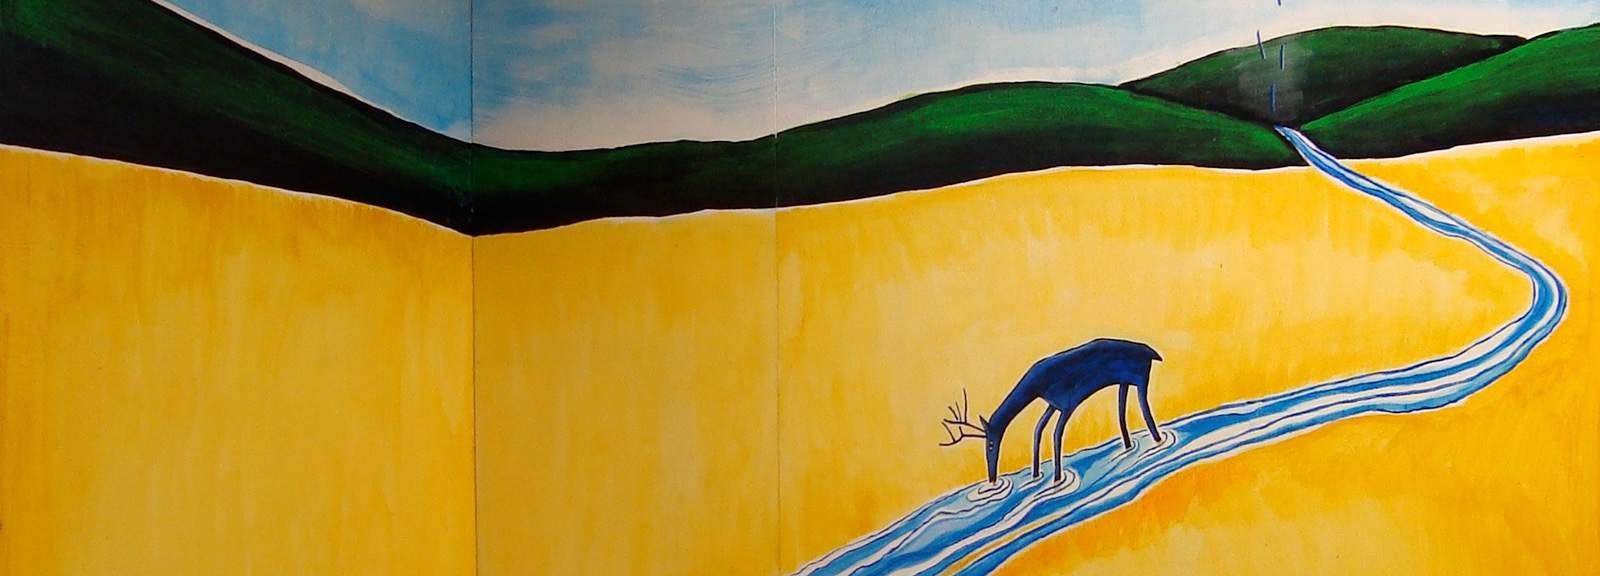 sandy-spieler-deer-wall-536